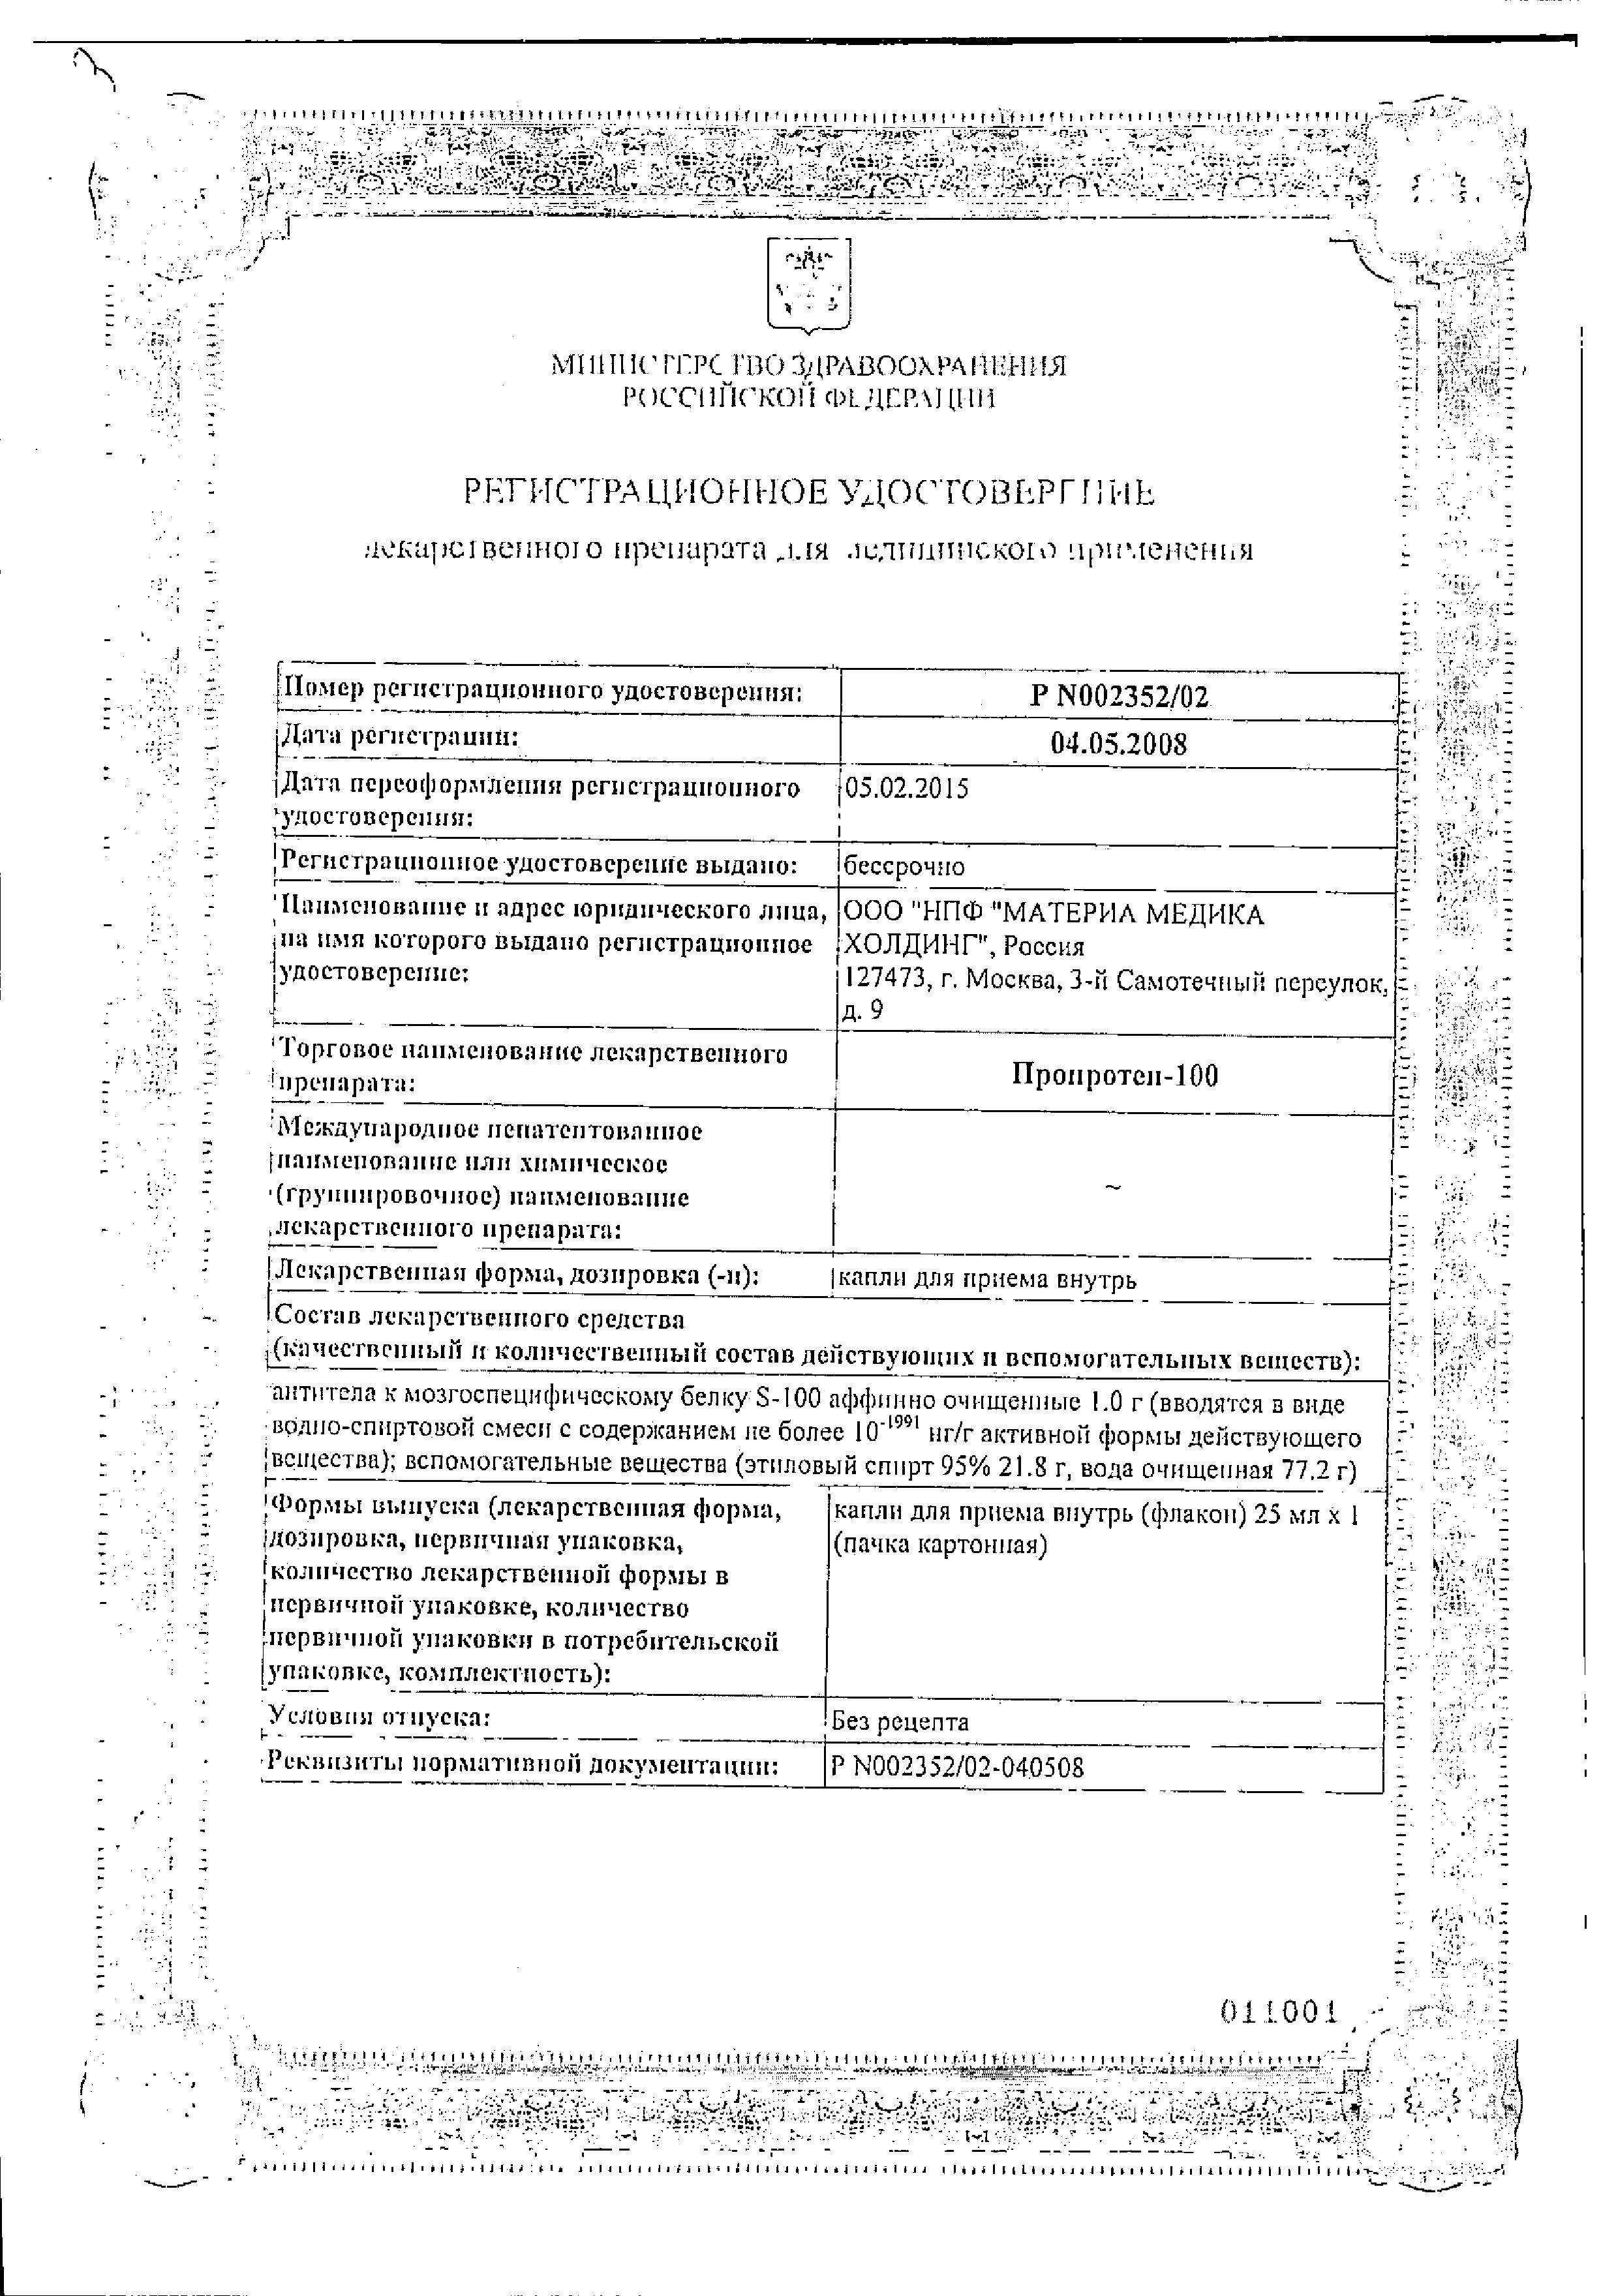 Пропротен-100 сертификат